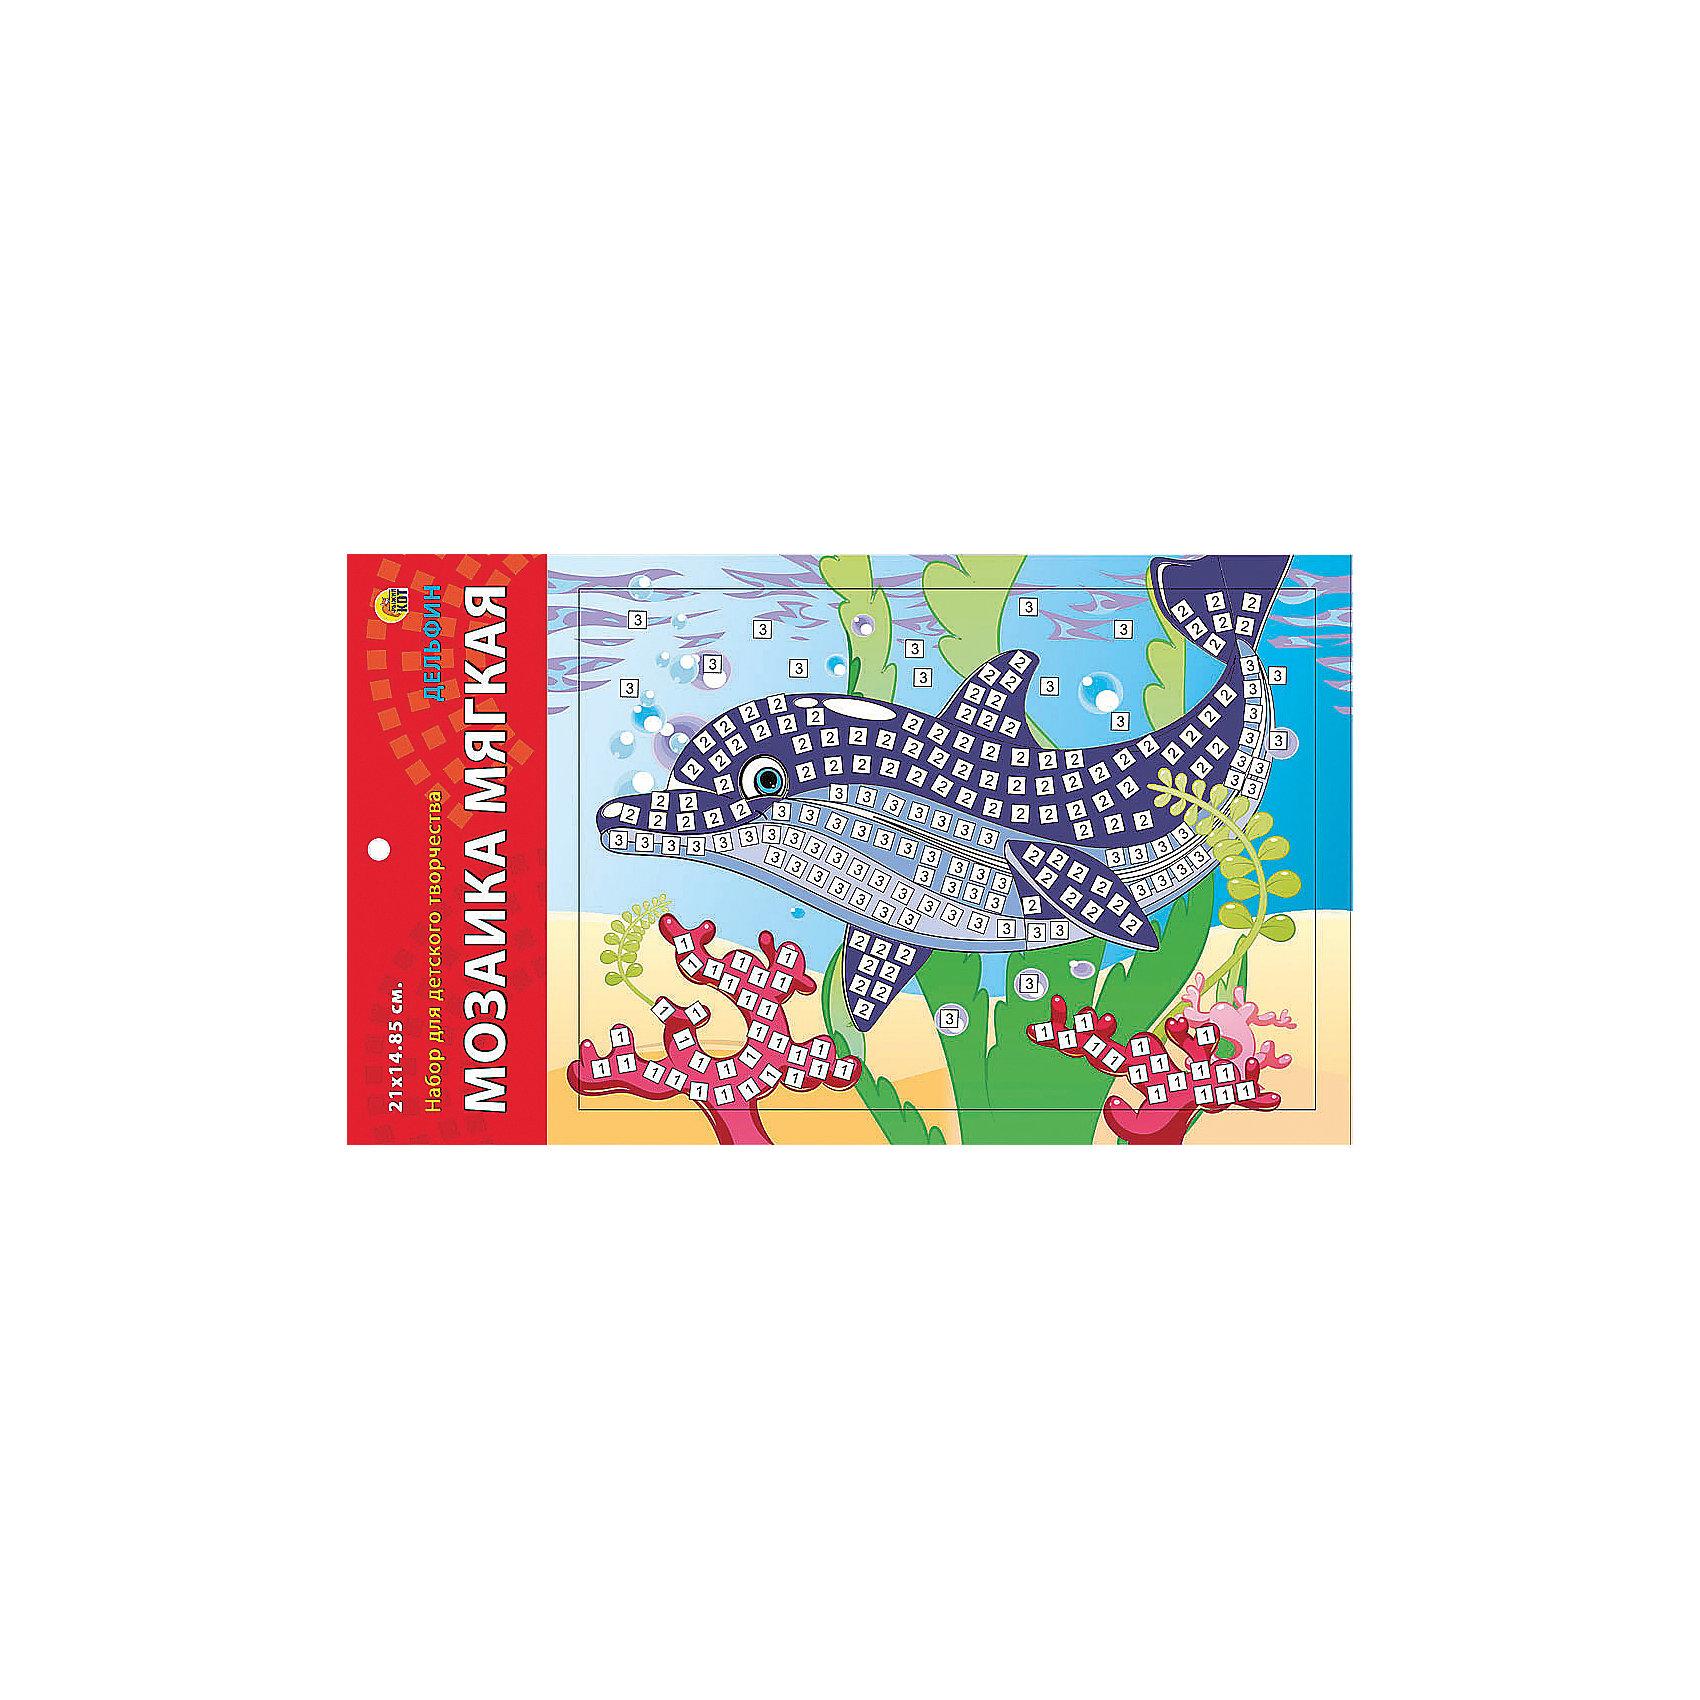 Издательство Рыжий кот Мягкая мозаика Дельфин формат А5 (21х15 см) издательство рыжий кот мягкая мозаика обезьянка формат а5 21х15 см